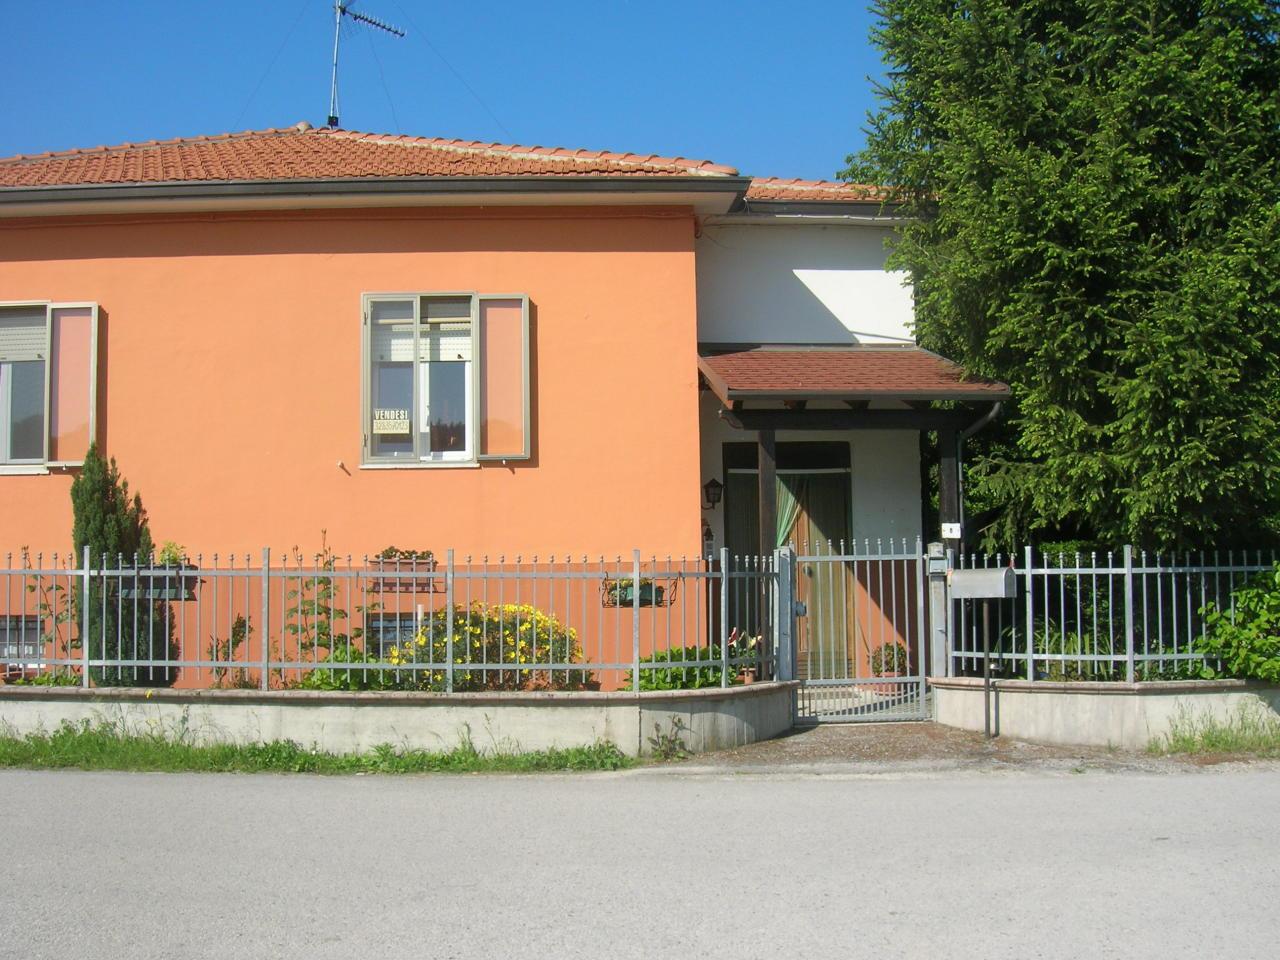 Soluzione Indipendente in vendita a Jesi, 6 locali, prezzo € 185.000 | Cambio Casa.it